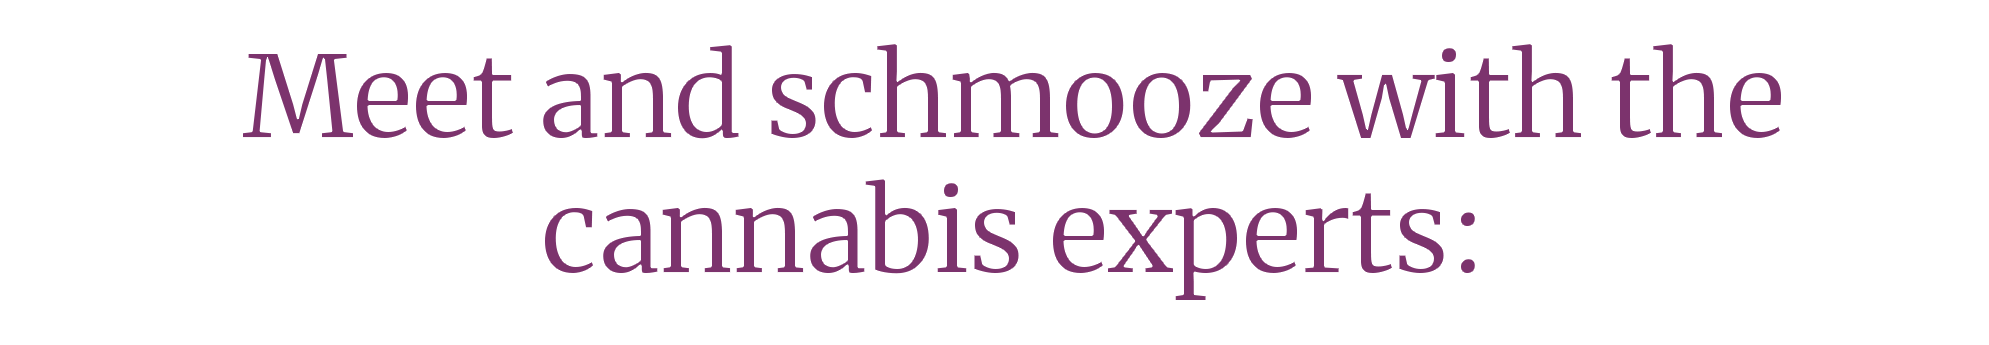 Meet cannabis experts